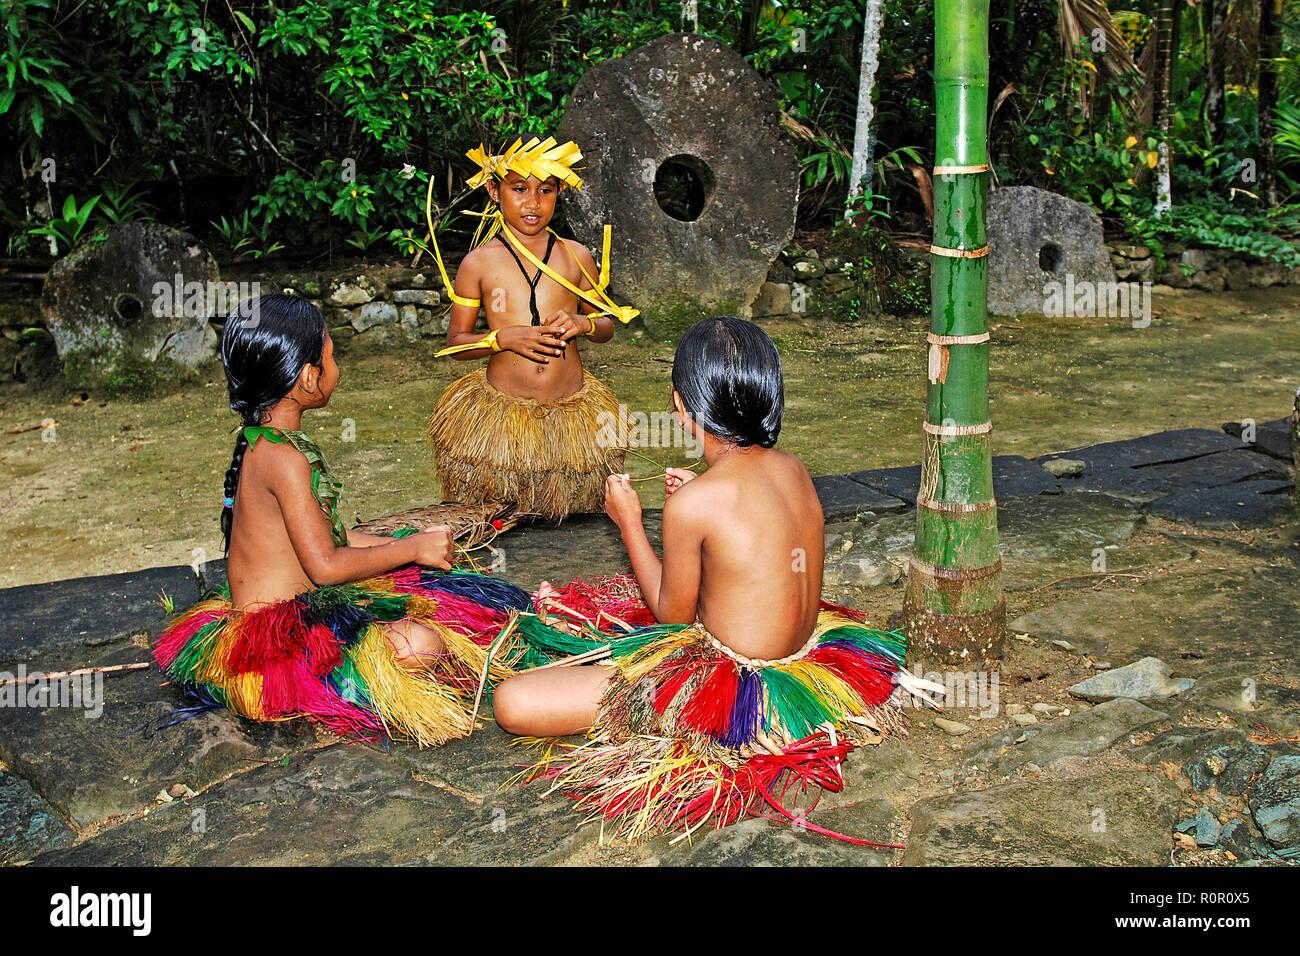 Einheimische Kinder mit Baströcken bei einem traditionellen Fest, Yap, Mikronesien | Traditionally dressed kids with hula skirts, Yap, Micronesia - Stock Image